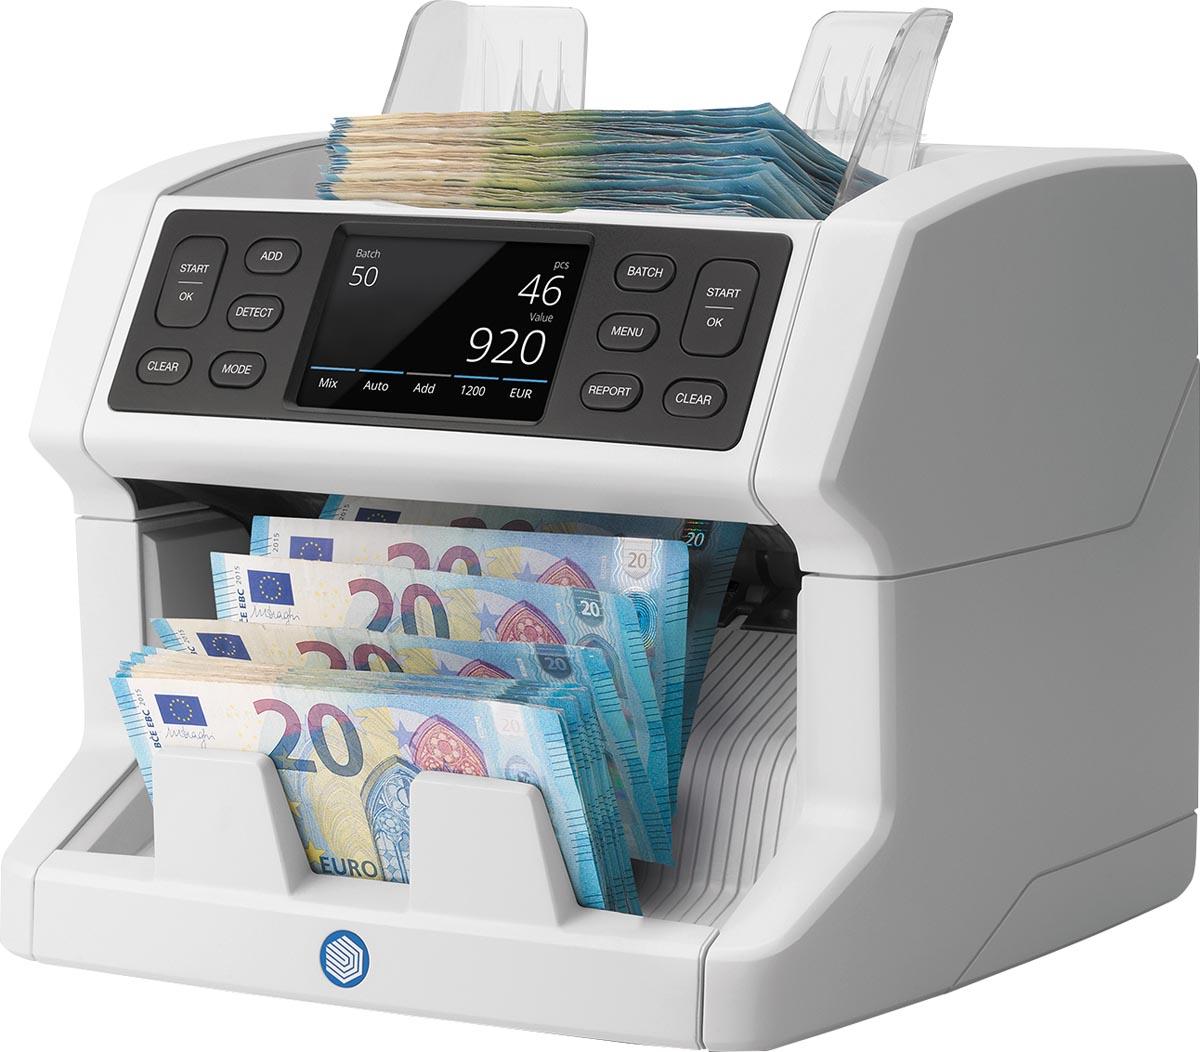 Safescan biljettelmachine 2850, met 3-voudige detectie